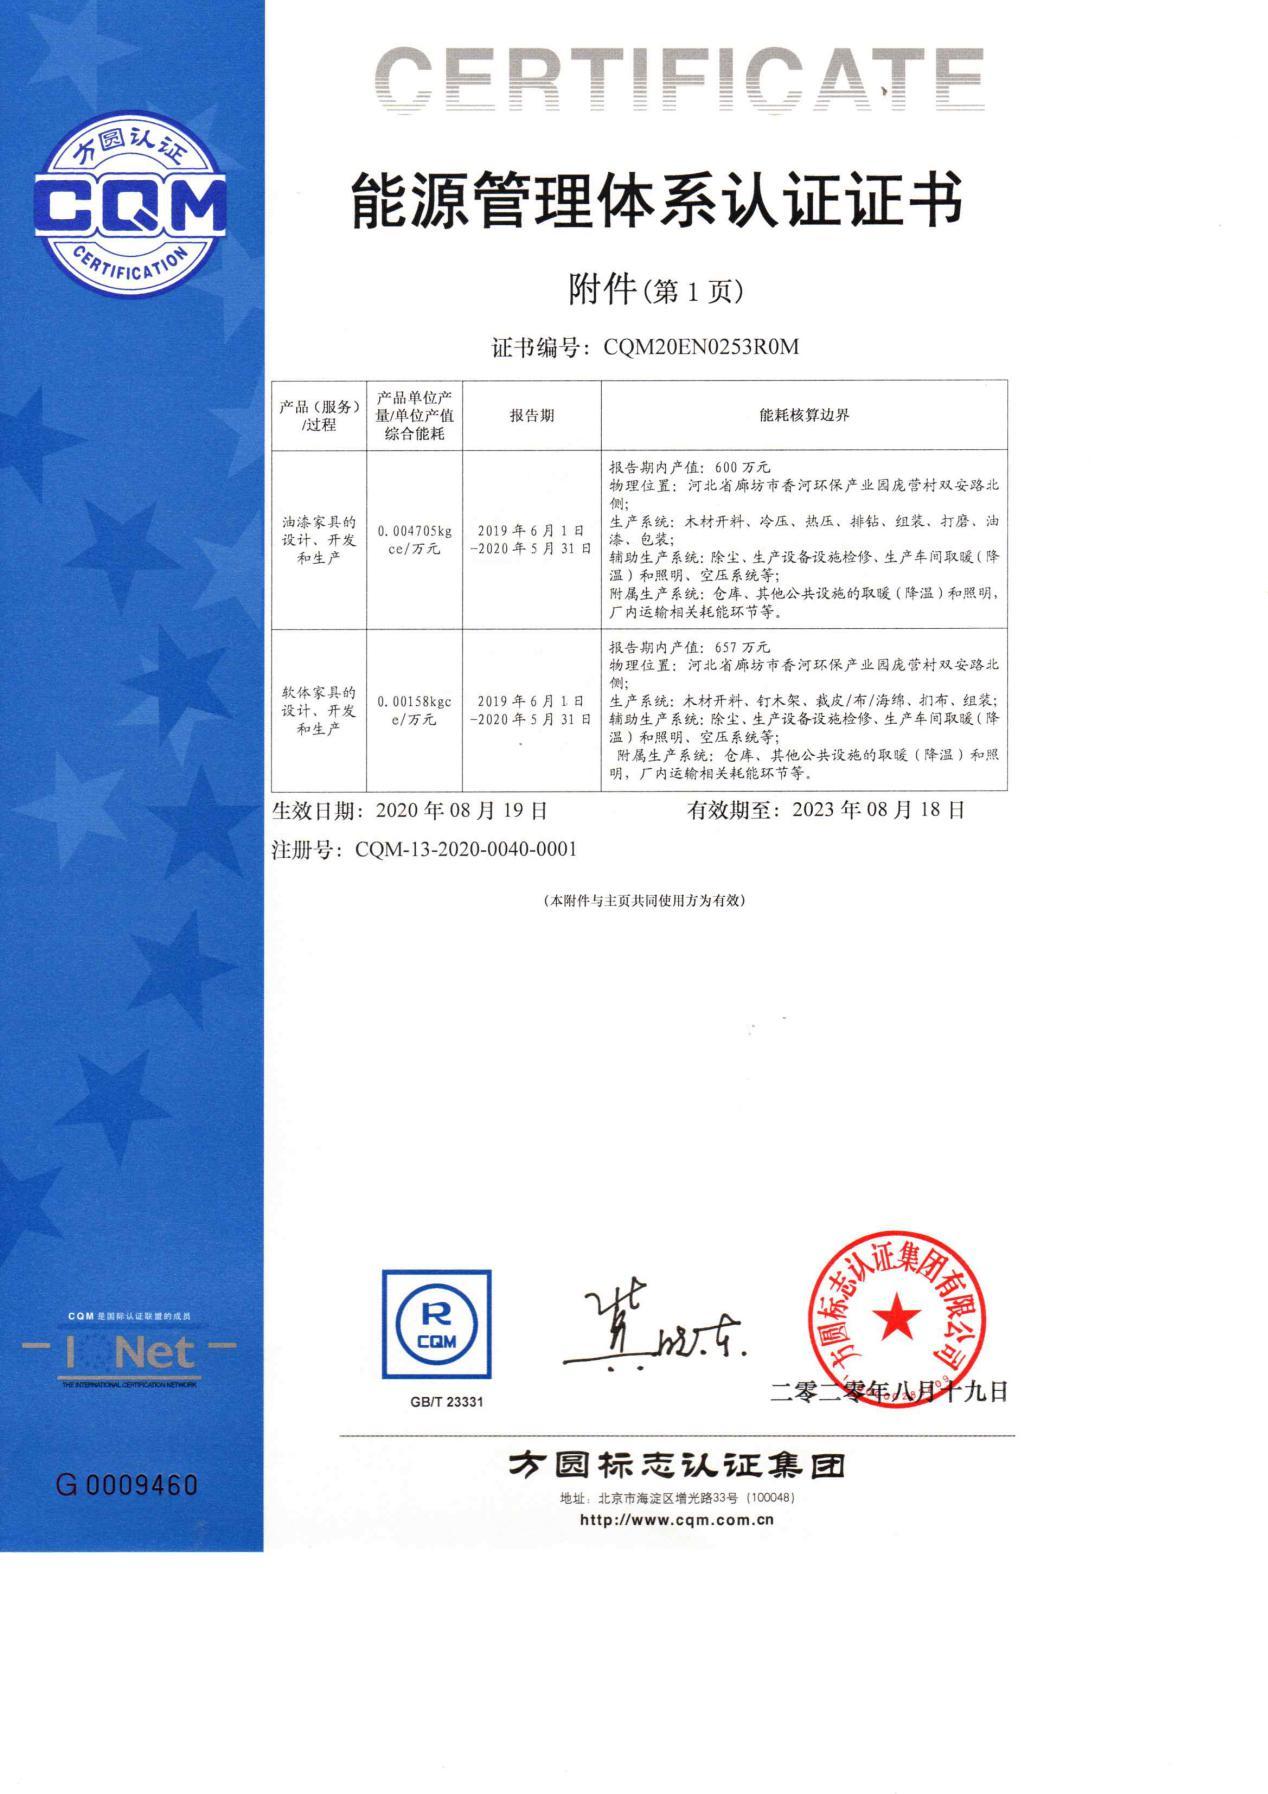 【能源管理体系认证证书】凯威